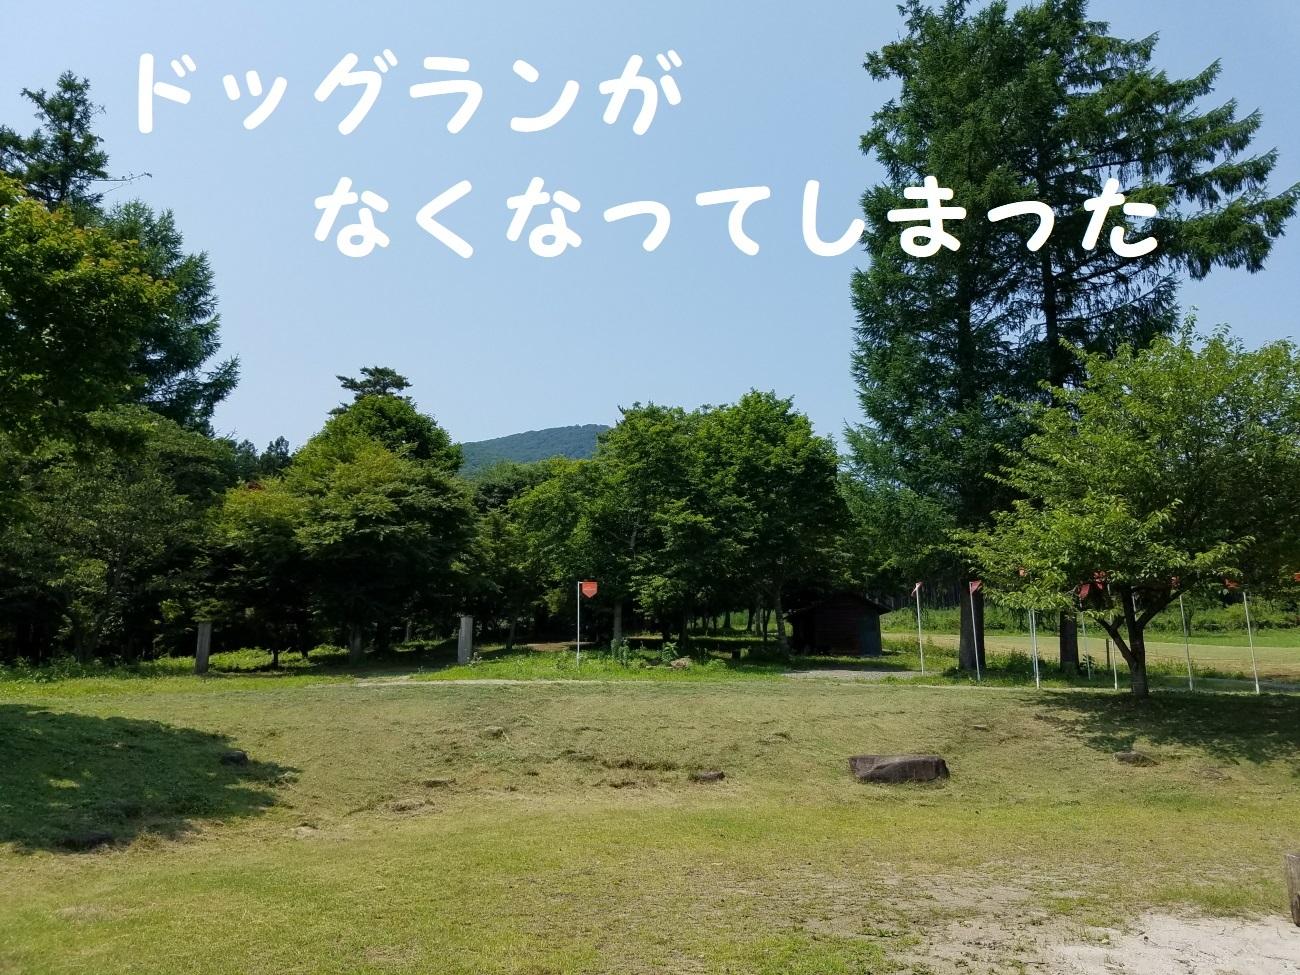 20170707_120500.jpg